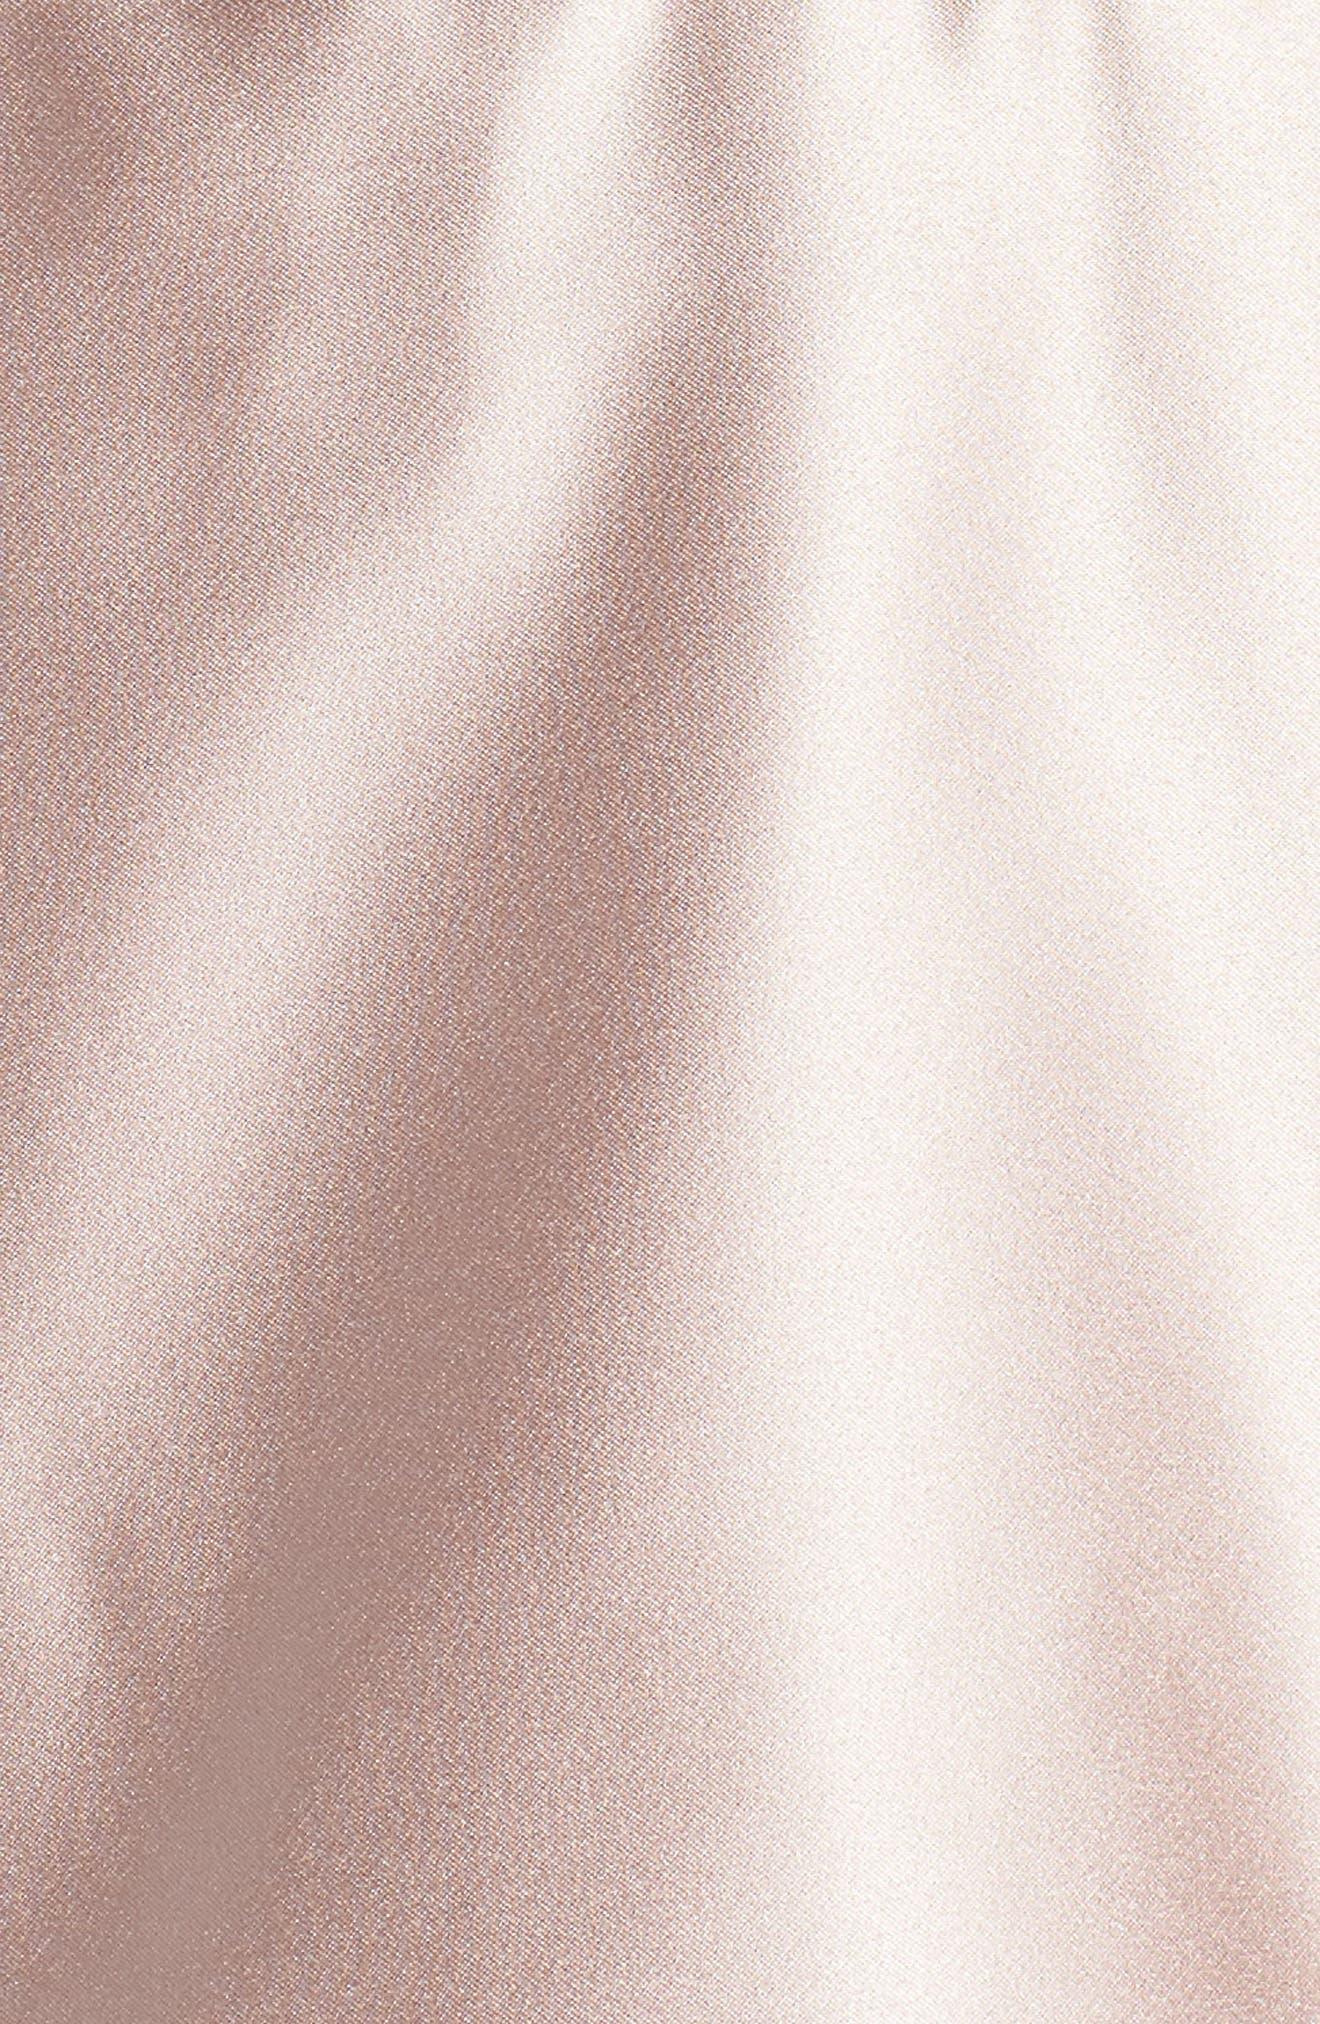 BLONDIE NITES,                             Embellished Satin Fit & Flare Dress,                             Alternate thumbnail 6, color,                             BEIGE